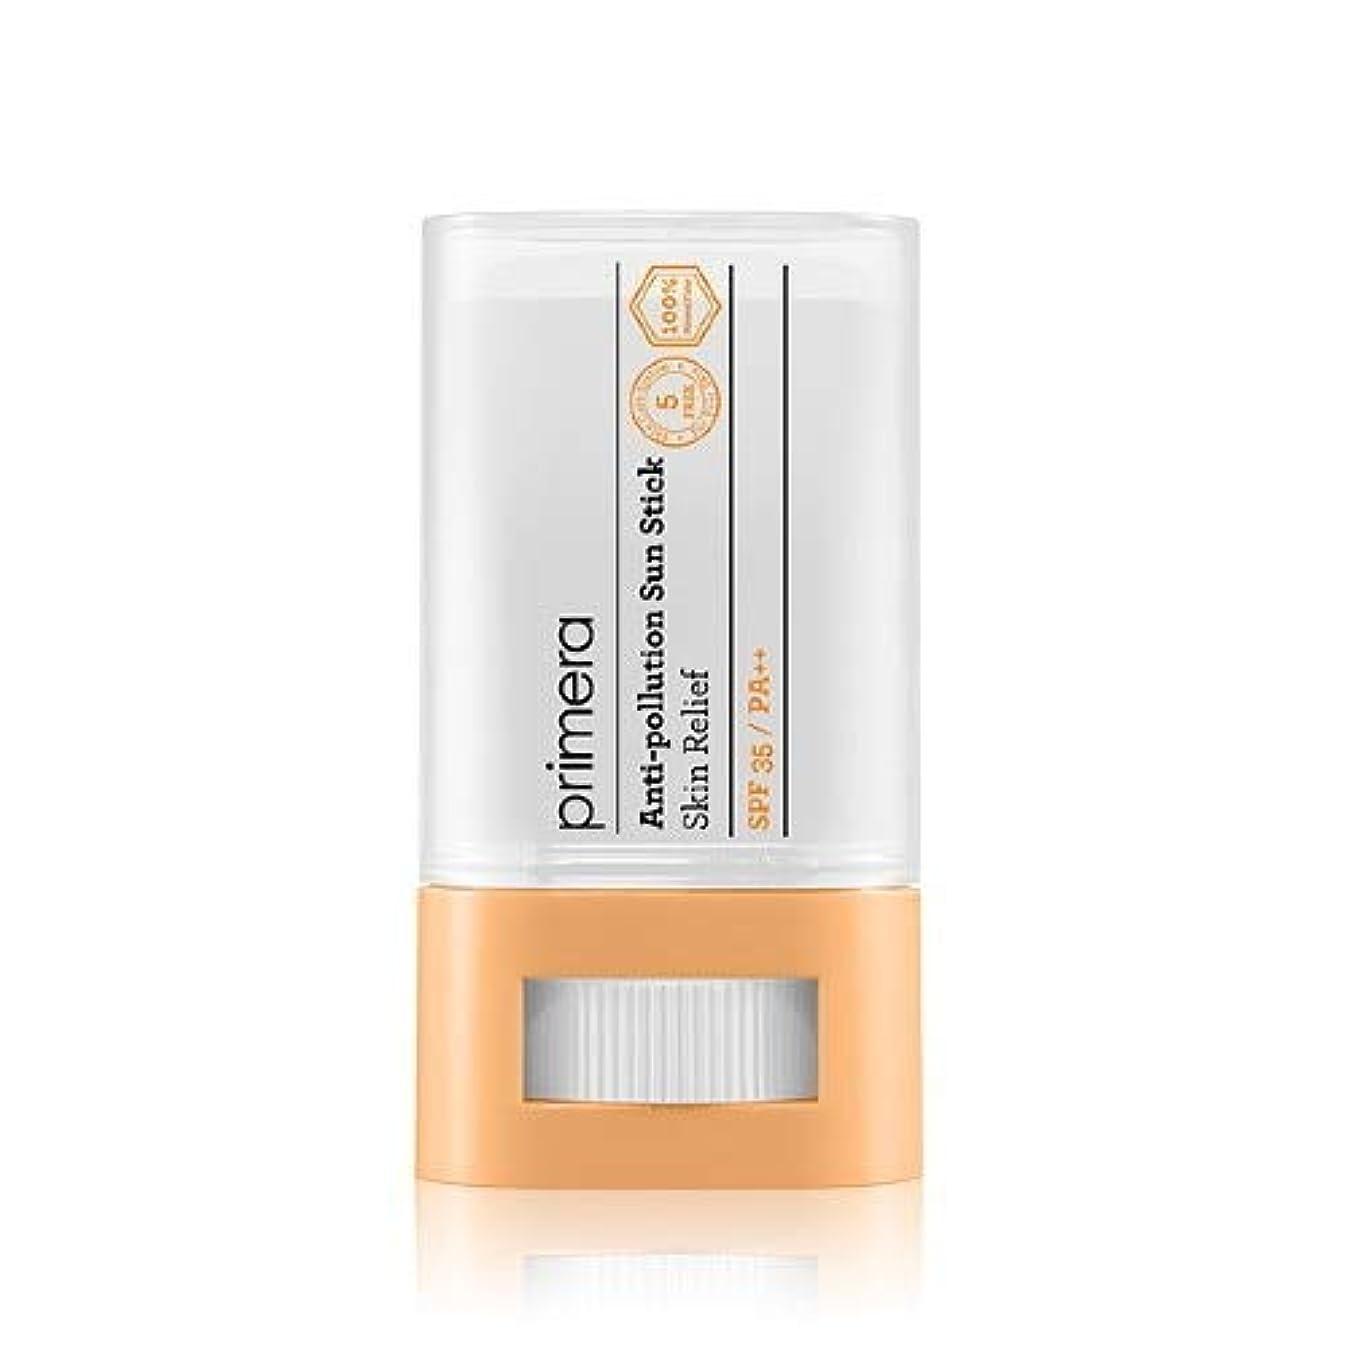 保守的現代ロデオPRIMERA プリメラ Skin Relief Anti-pollution Sun Stick サンスティック 16g, SPF35 PA++ 韓国日焼け止め